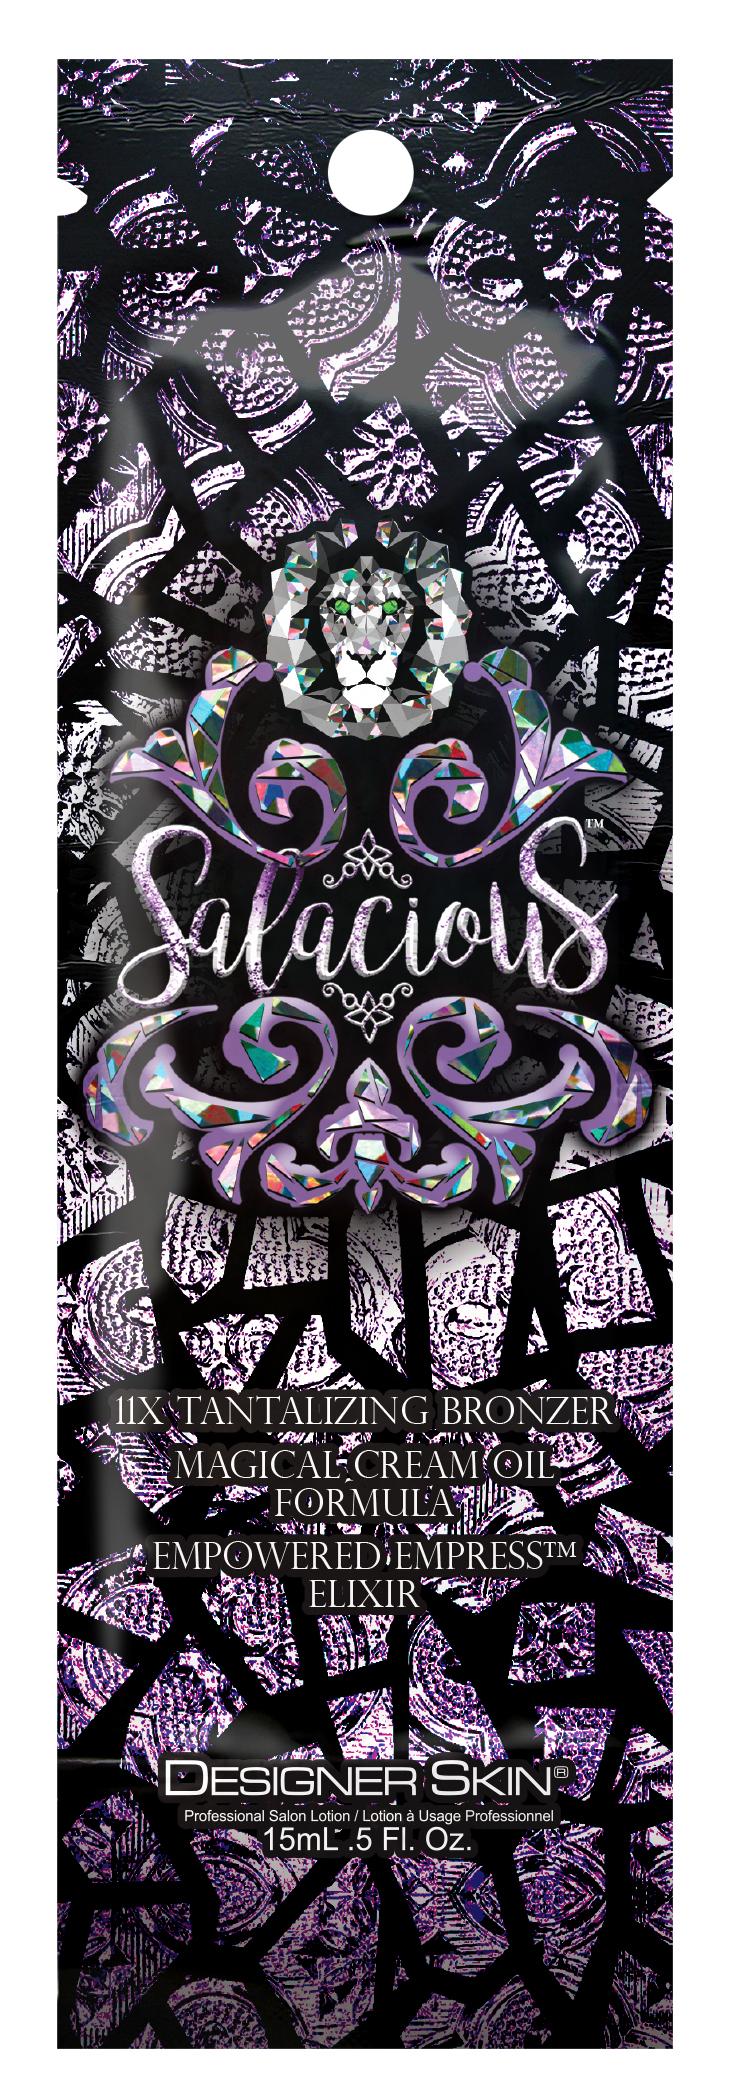 Salacious™ 11X Tantalizing Bronzer